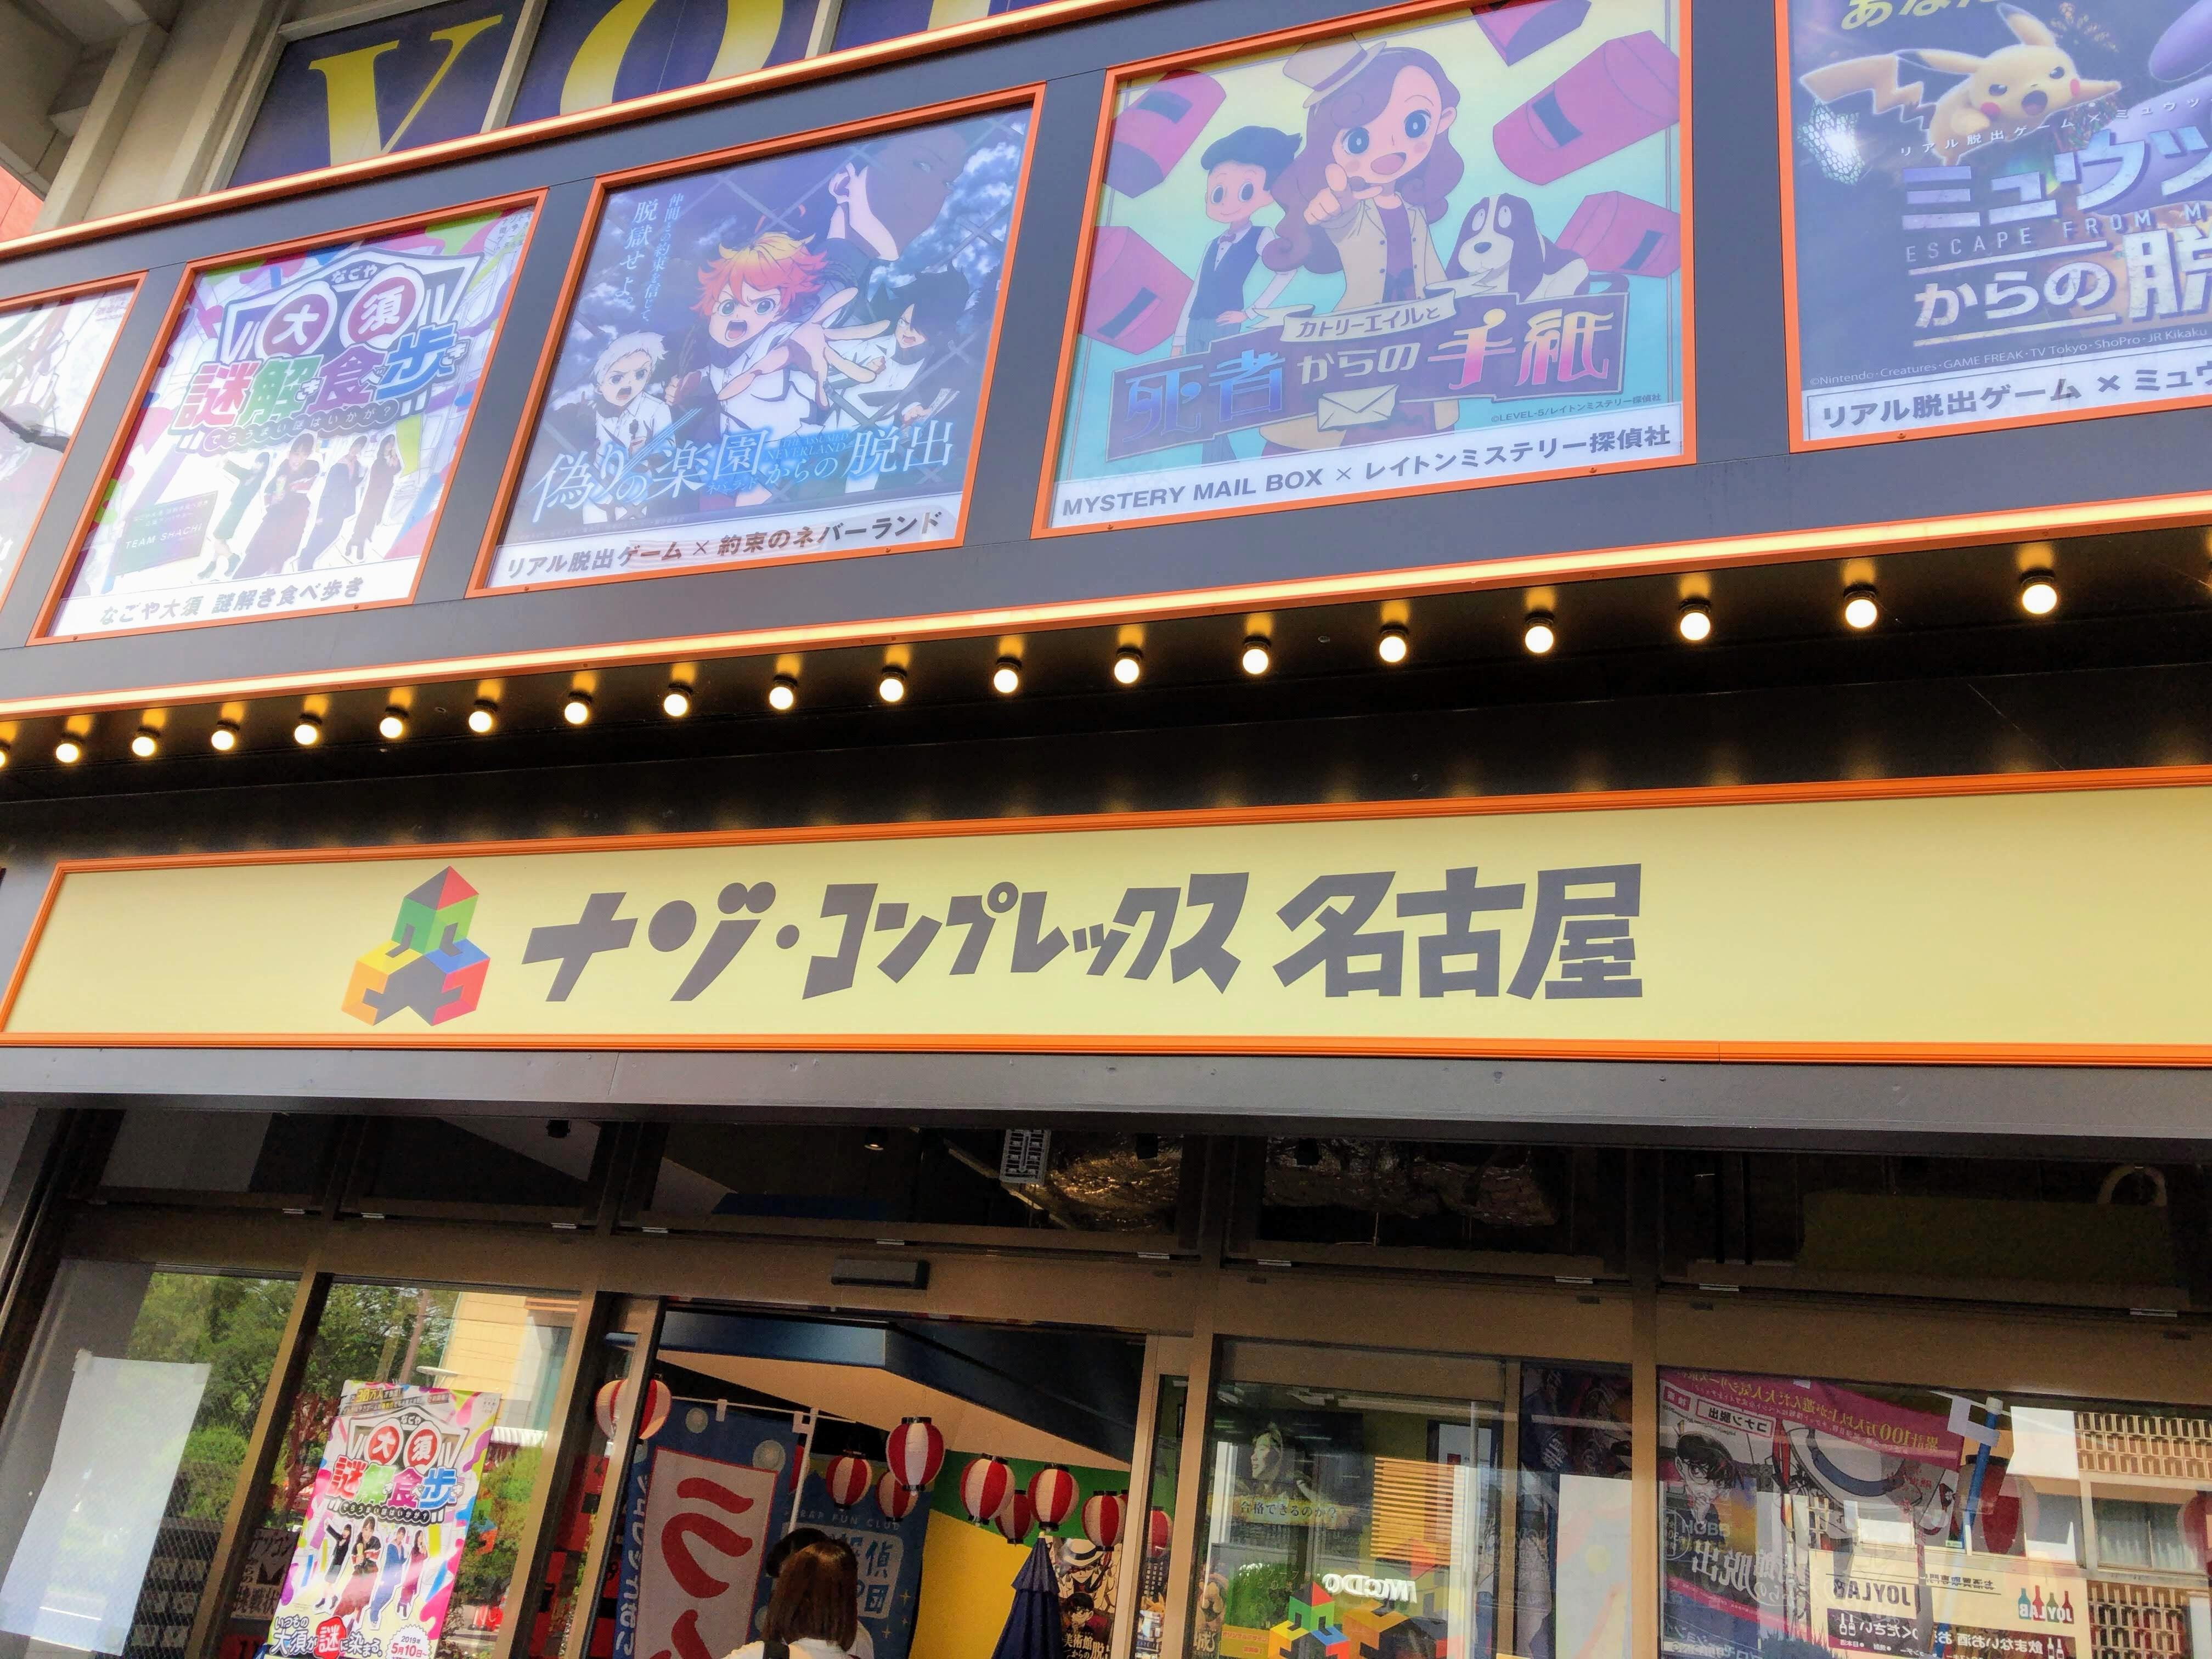 ナゾコンプレックス名古屋